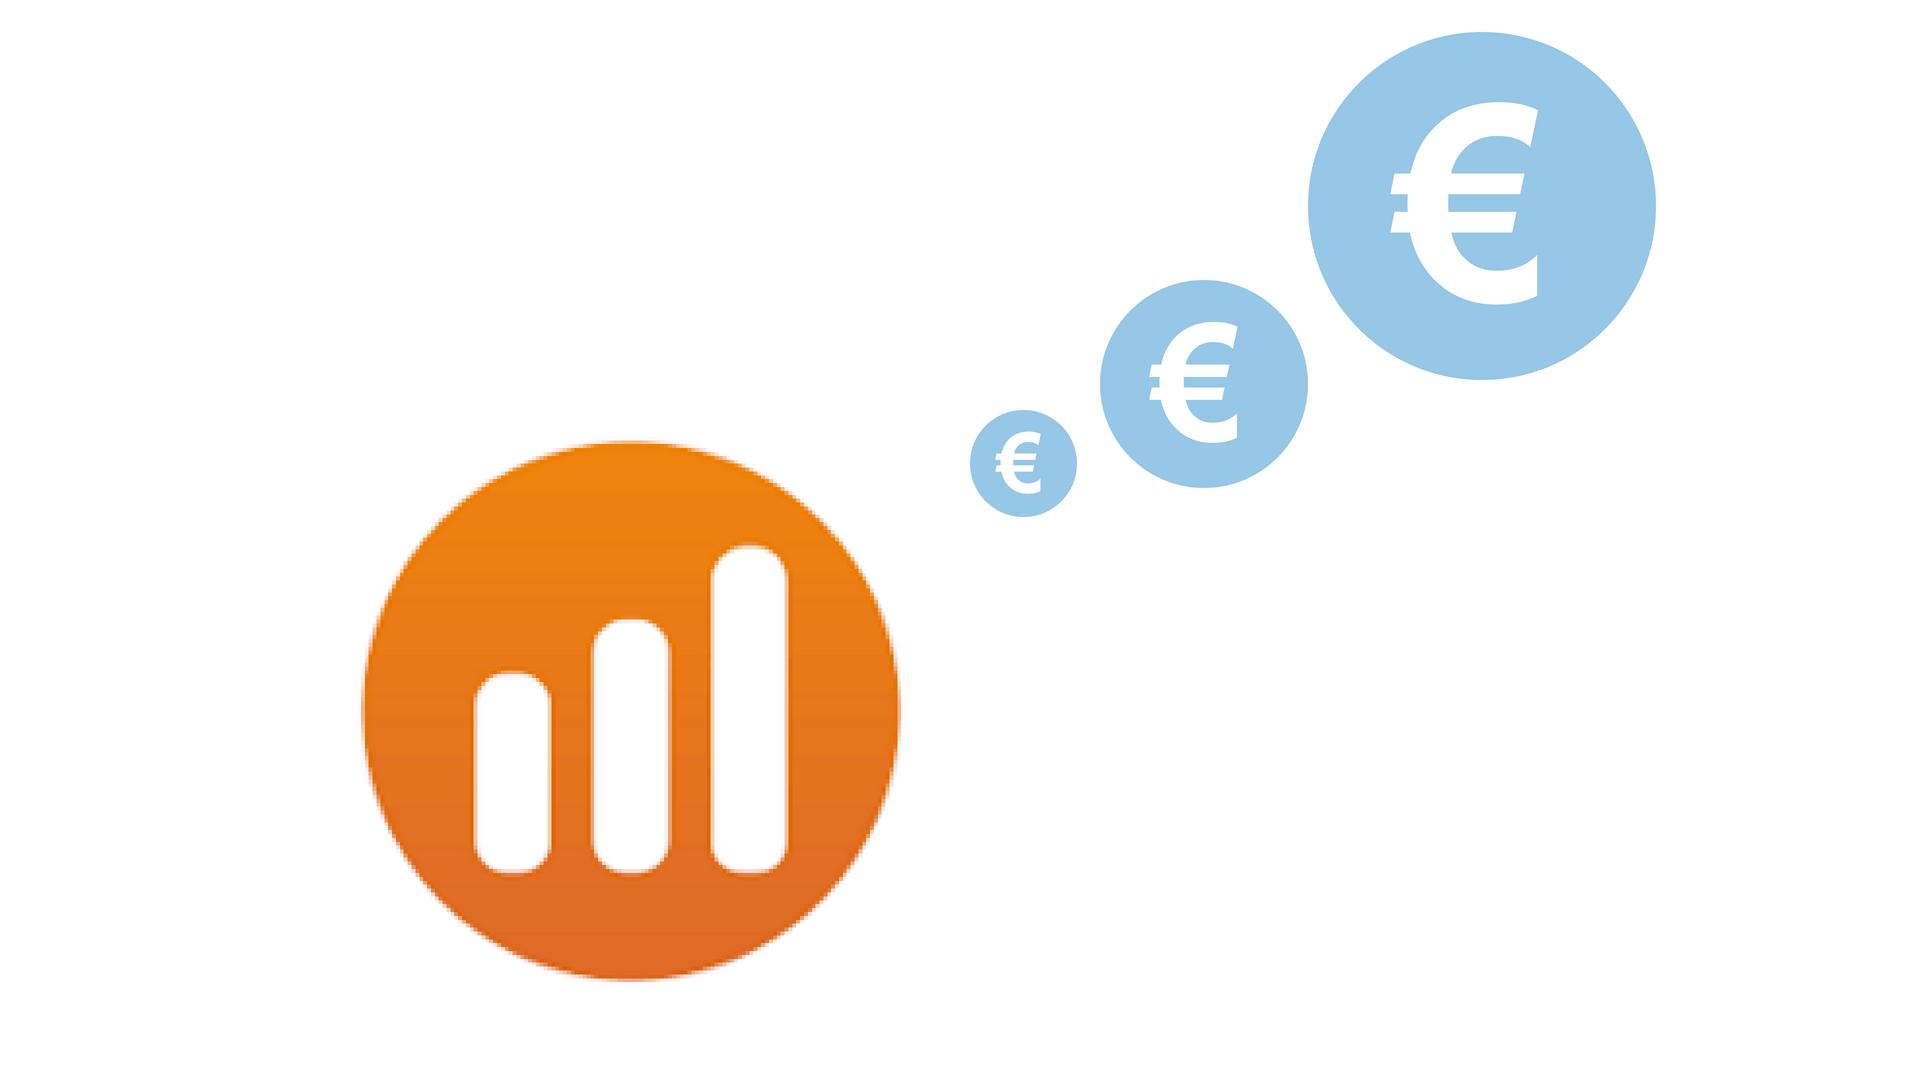 Euro yen forex pros